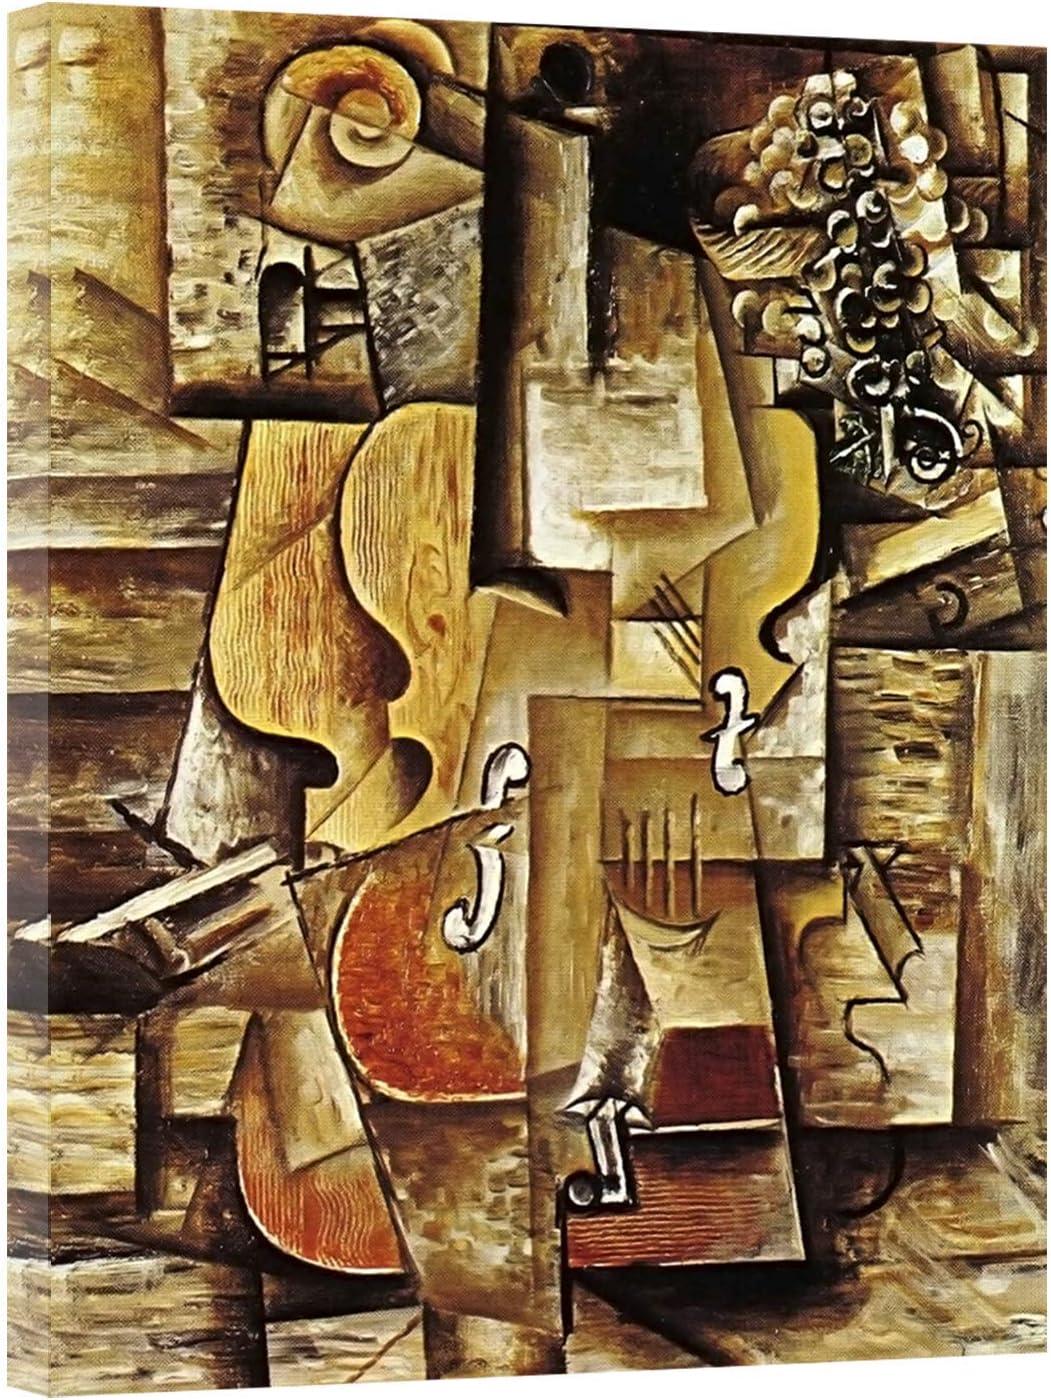 Cuadro en lienzo Pintura de violín y uva de Pablo Picasso Impresión en lienzo Arte de la pared Decoración Imagen 30x40cm (11.8x15.7 pulgadas) Con marco